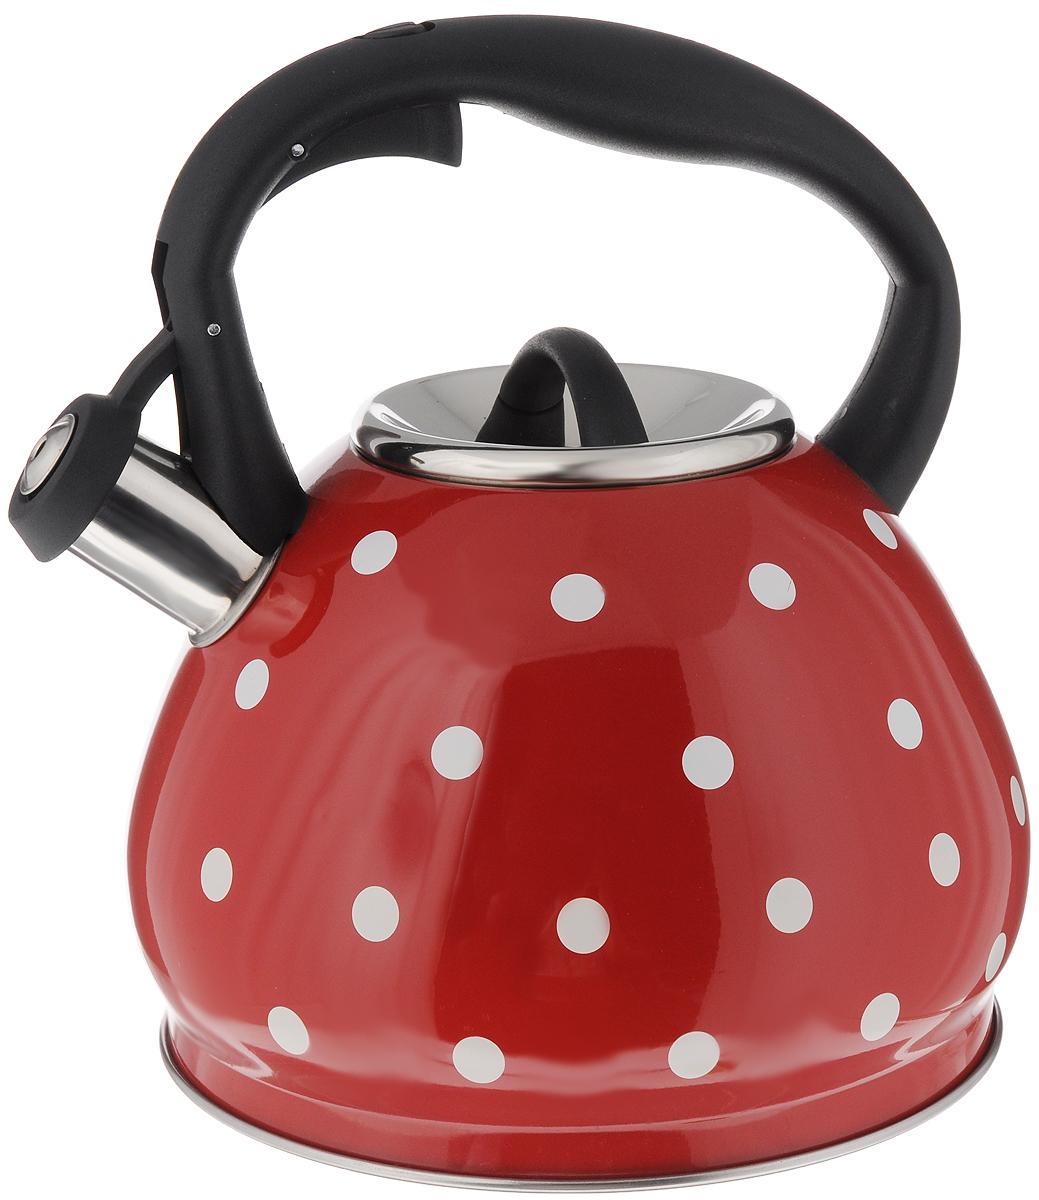 Чайник Hoffmann, со свистком, цвет: красный, черный, 3,5 л115510Чайник Hoffmann выполнен из высококачественной нержавеющей стали, что делает его весьма гигиеничным и устойчивым к износу при длительном использовании. Носик чайника оснащен насадкой-свистком, что позволит вам контролировать процесс подогрева или кипячения воды. Фиксированная ручка, изготовленная из пластика, оснащена механизмом открывания носика. Эстетичный и функциональный чайник будет оригинально смотреться в любом интерьере.Подходит для всех типов плит, включая индукционные. Можно мыть в посудомоечной машине. Высота чайника (с учетом ручки и крышки): 23 см.Диаметр чайника (по верхнему краю): 10 см.Диаметр основания: 19,5 см.